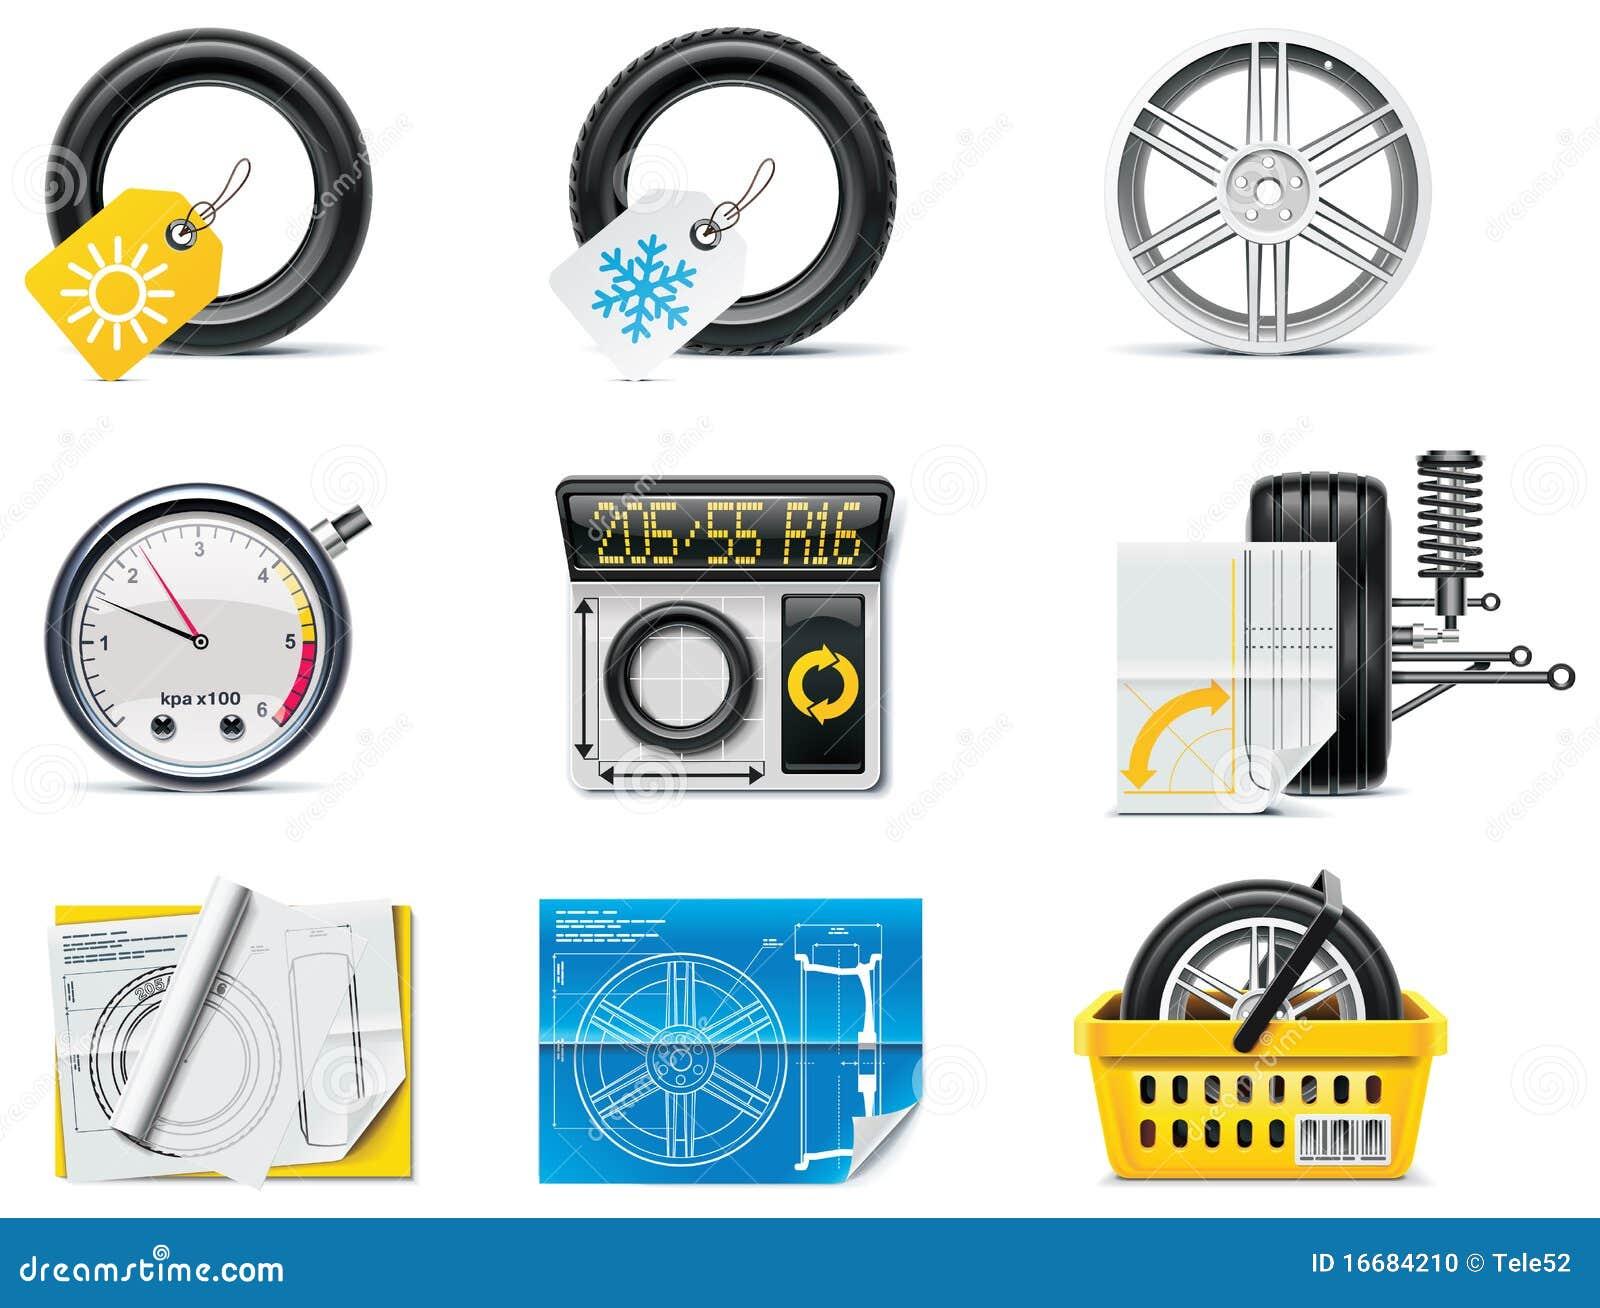 维护维修图标 计算机维护与维修试题 汽车维修设备维护高清图片